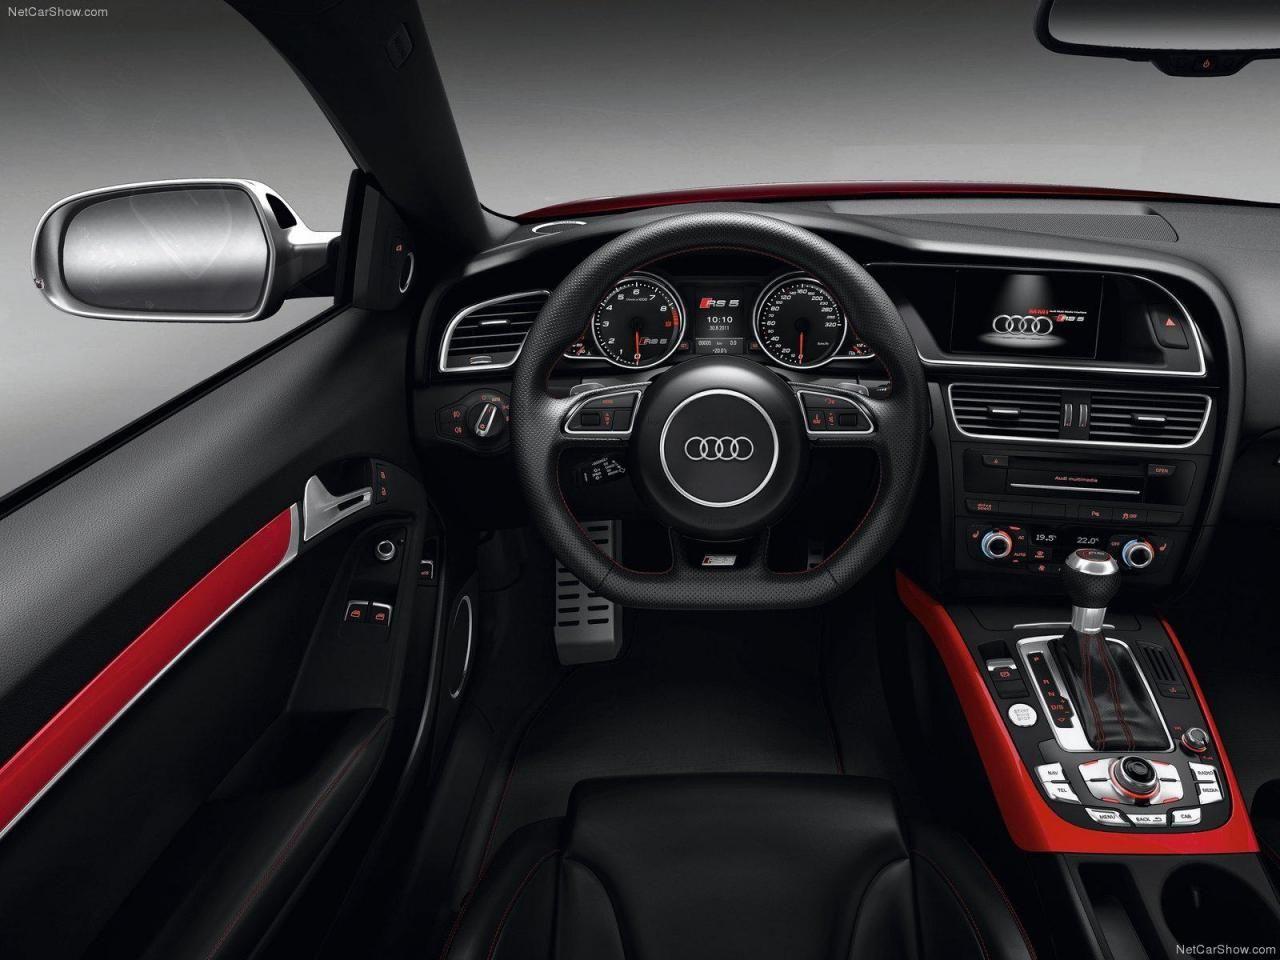 Kelebihan Kekurangan Audi Rs5 2012 Perbandingan Harga